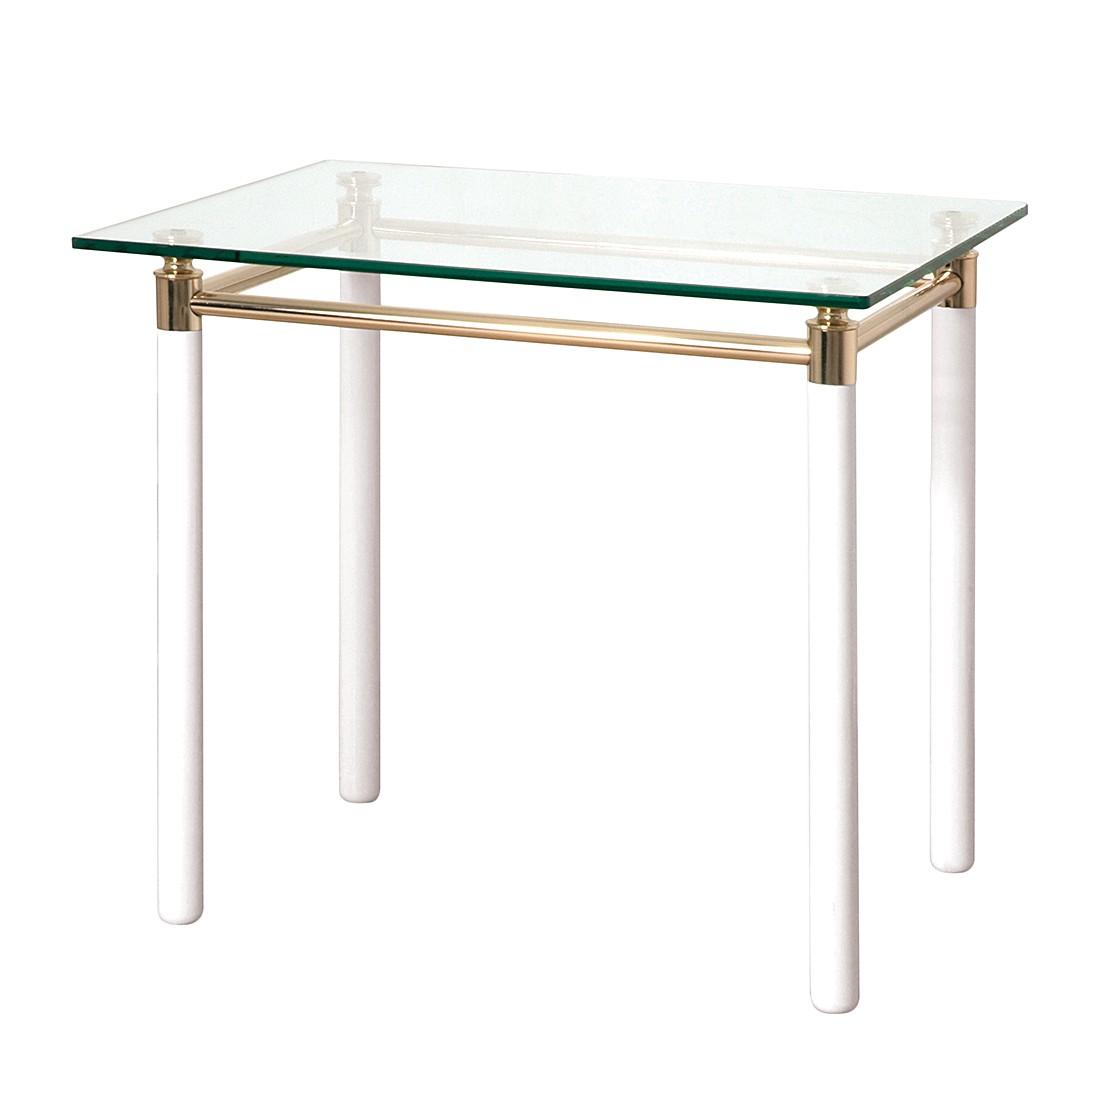 Tavolino moselle iii - acciaio/legno massello dorato/bianco lucido, Home Design